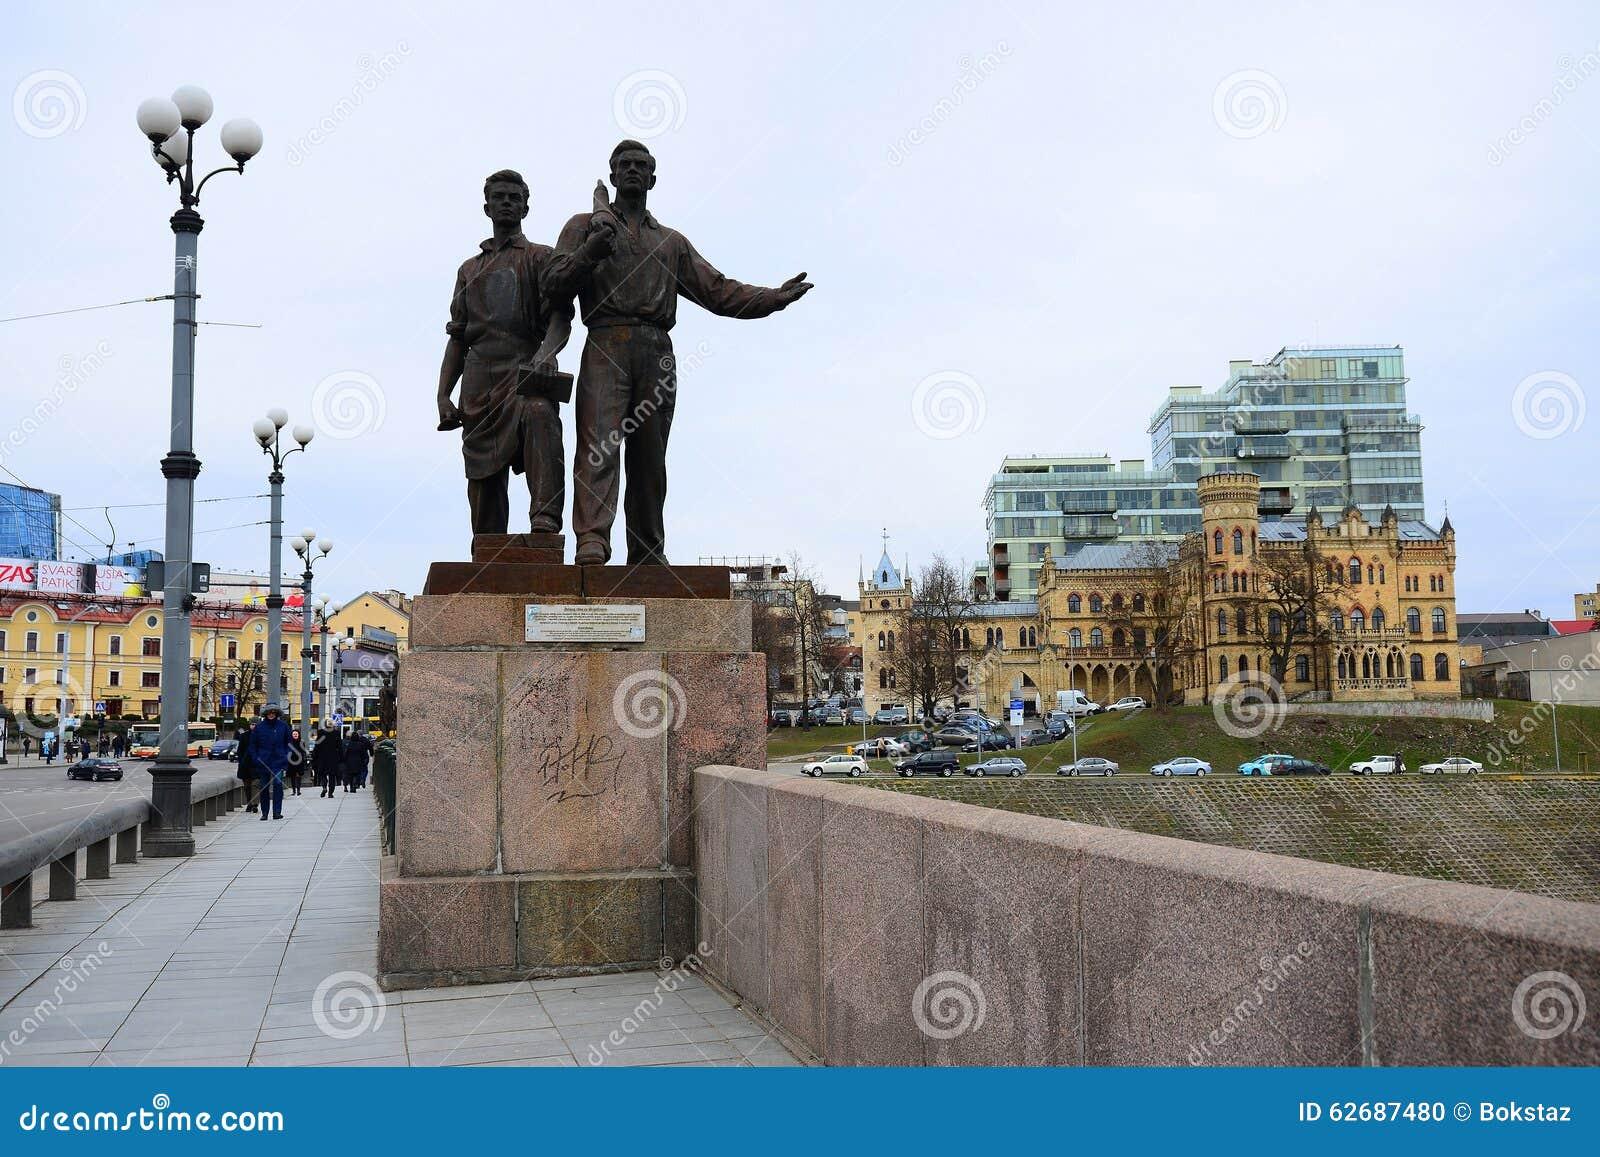 Γλυπτά στην πράσινη γέφυρα που αντιπροσωπεύει τη σοβιετική τέχνη